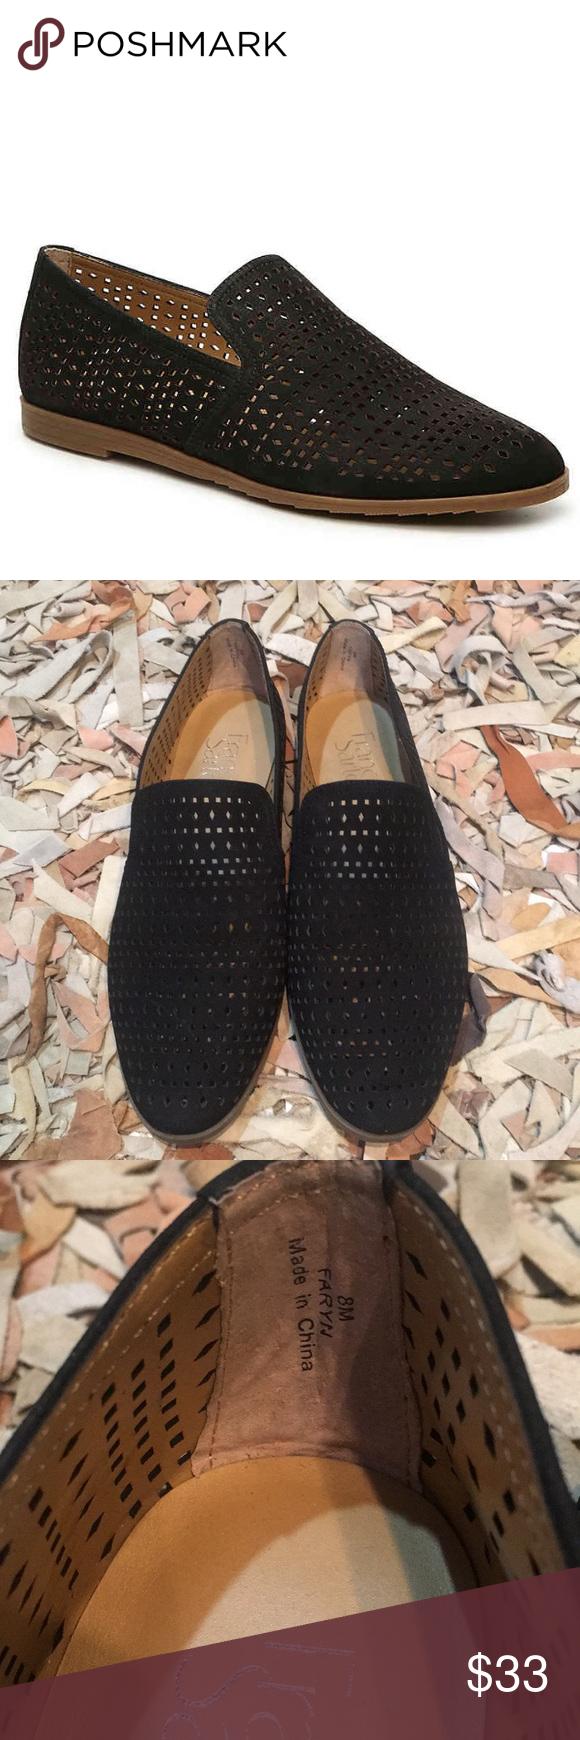 3c4e8dd5b4c Franco Sarto black suede loafers Faryn Sz 8 Sz 8 Worn once only inside